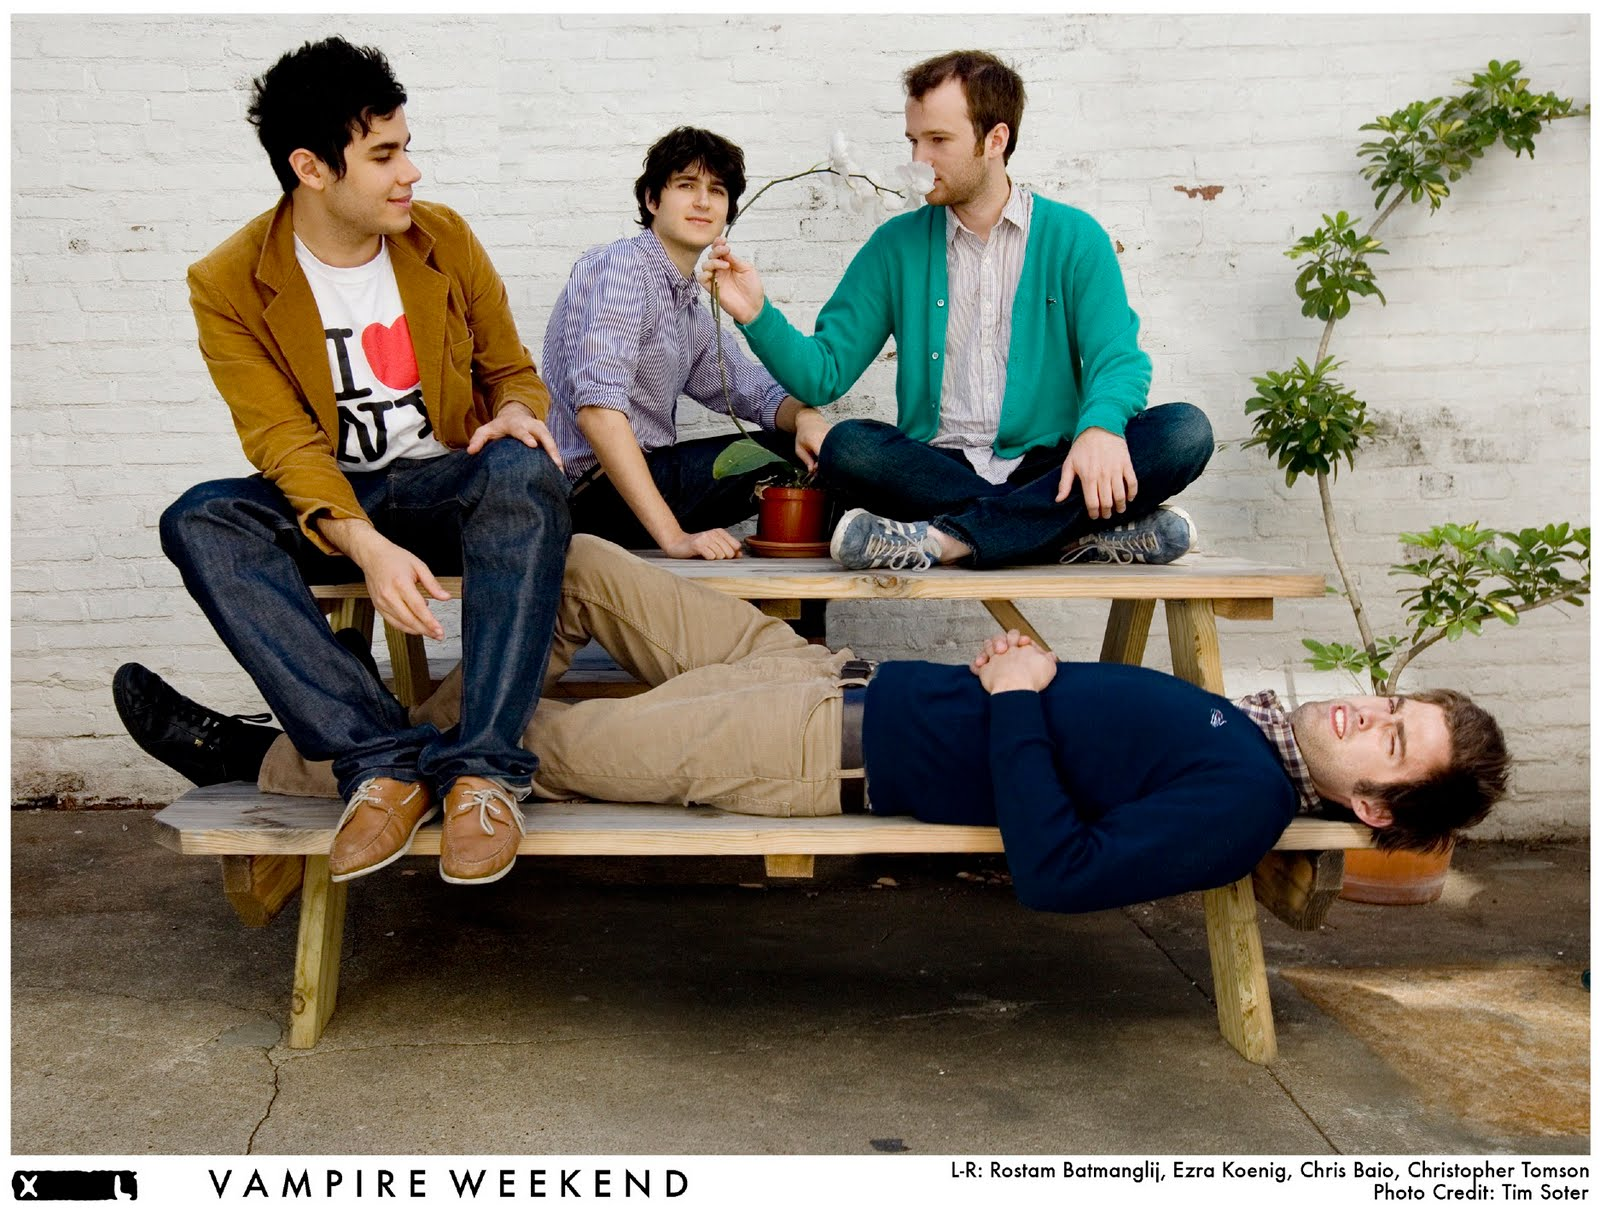 http://3.bp.blogspot.com/_XOeVc3fO9-8/TGpT_DCqG4I/AAAAAAAAAlA/9L0mO4oxeRA/s1600/vampireweekend_pr1_300d.jpg